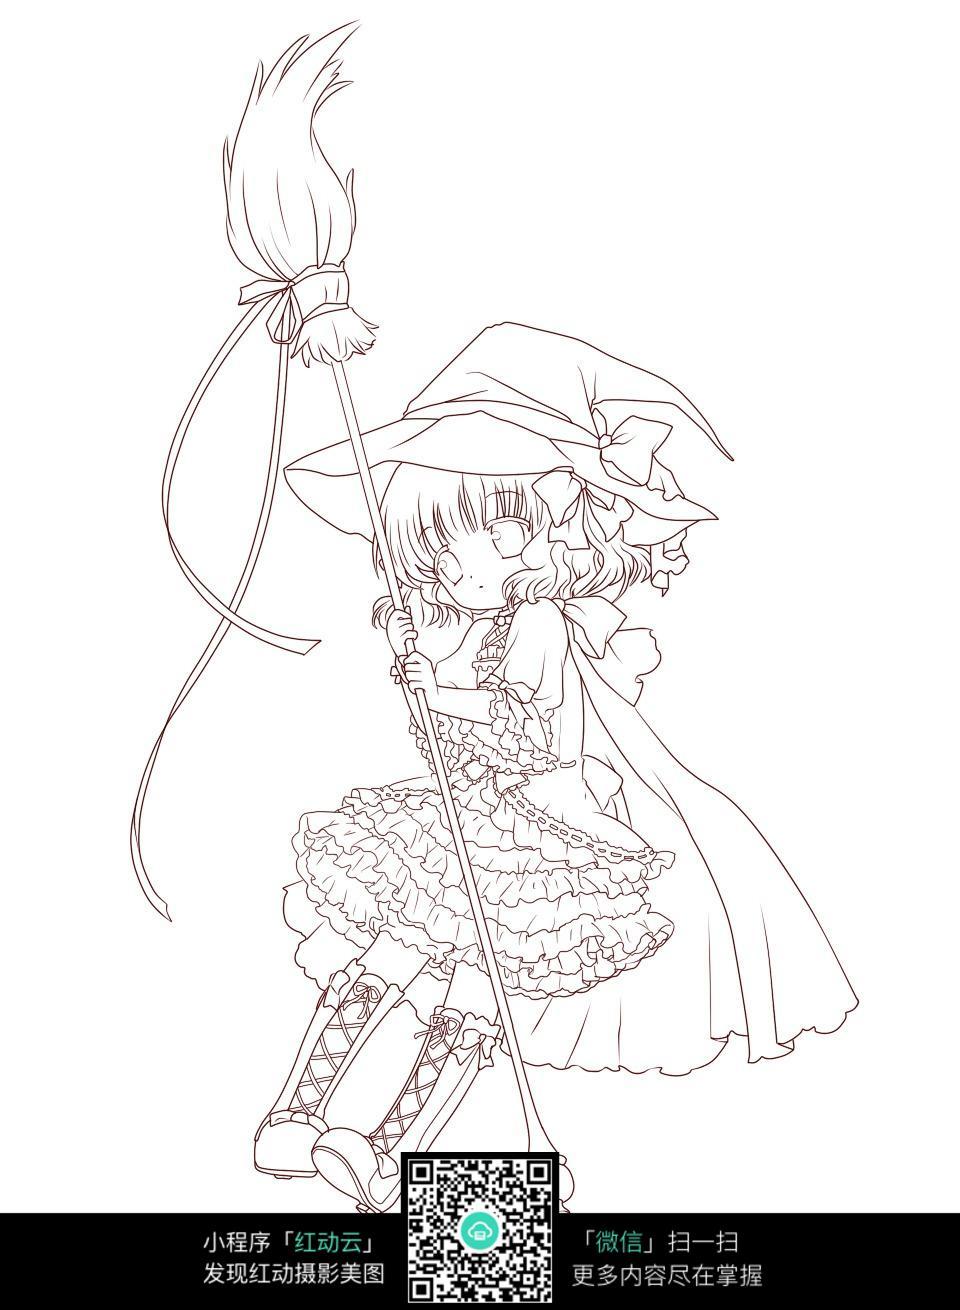 免费素材 图片素材 漫画插画 人物卡通 骑着扫把的小女巫  请您分享